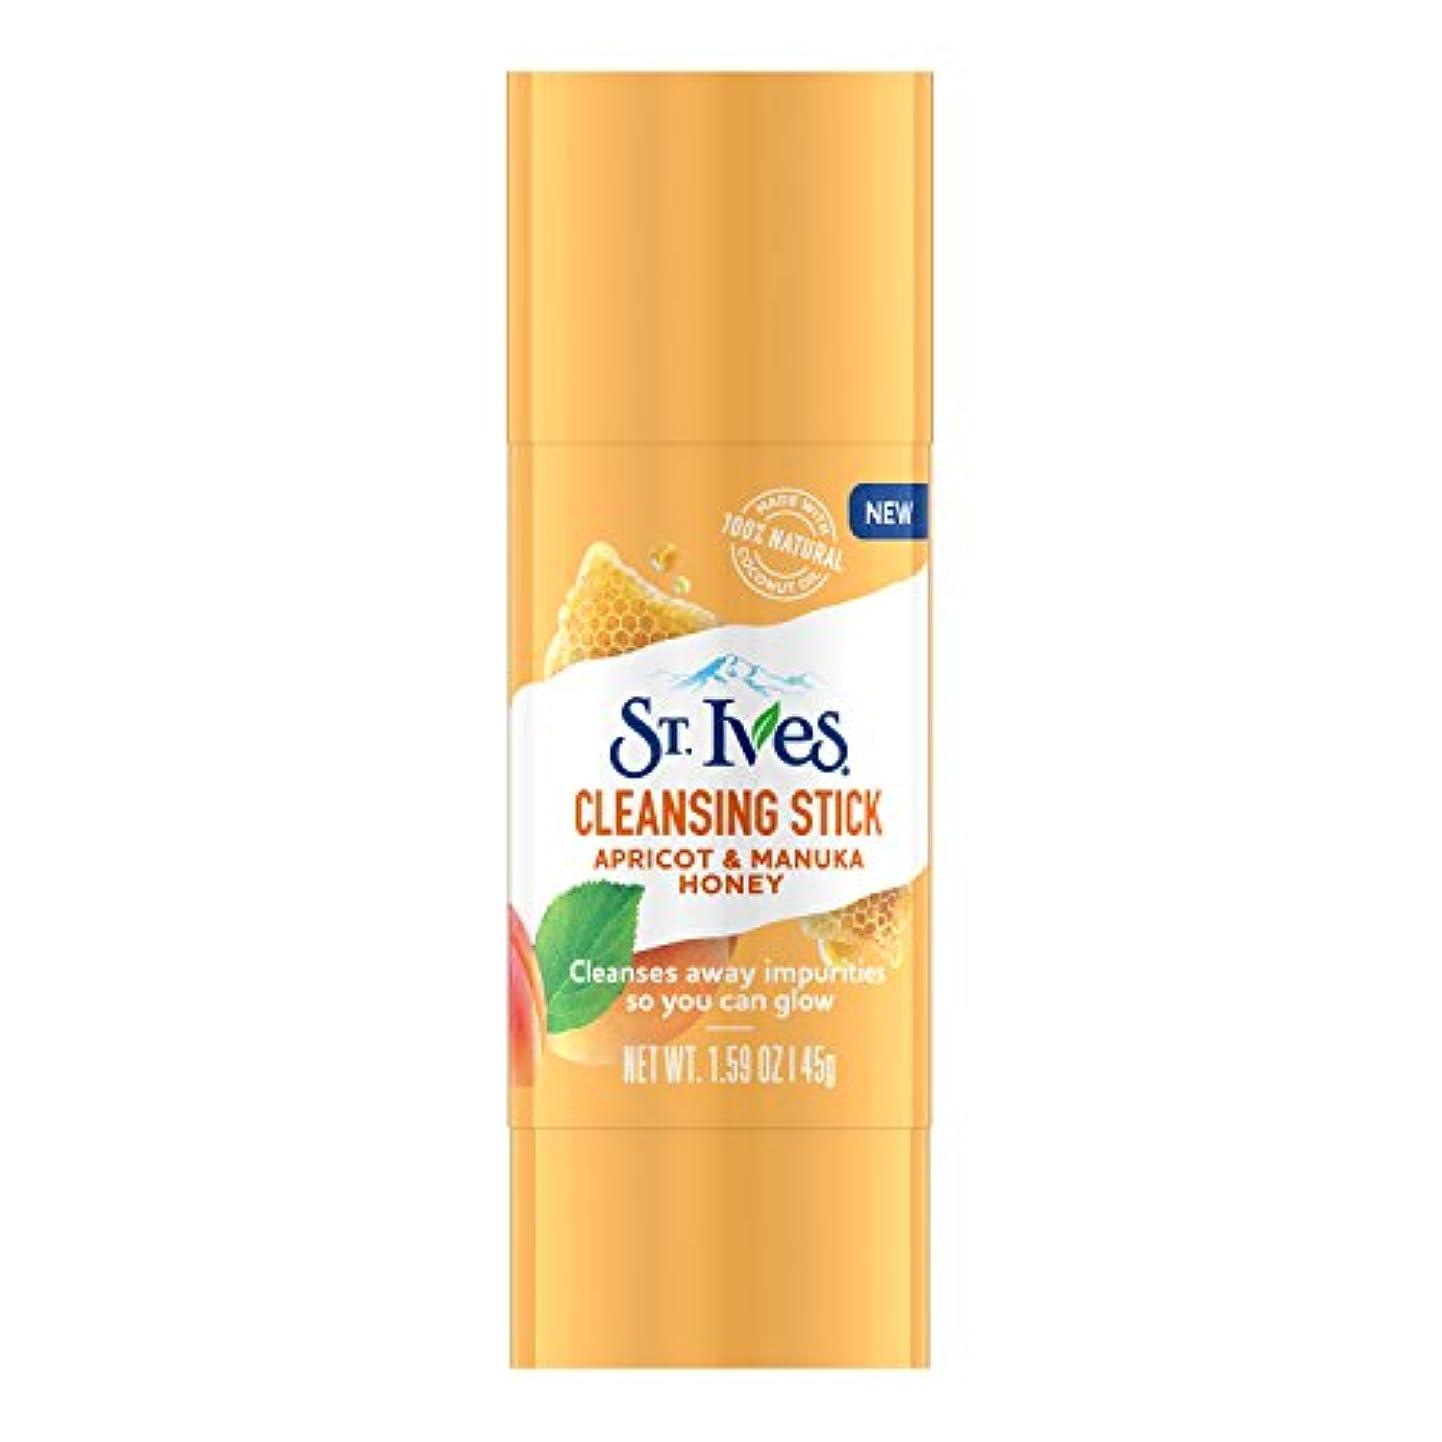 はっきりしない建てる怪しいSt. Ives クレンジングスティック 最新コリアンビューティートレンド 100%ナチュラルココナッツオイルを使った楽しい新しい形の洗顔 45グラム (アプリコット&マヌカハニー)